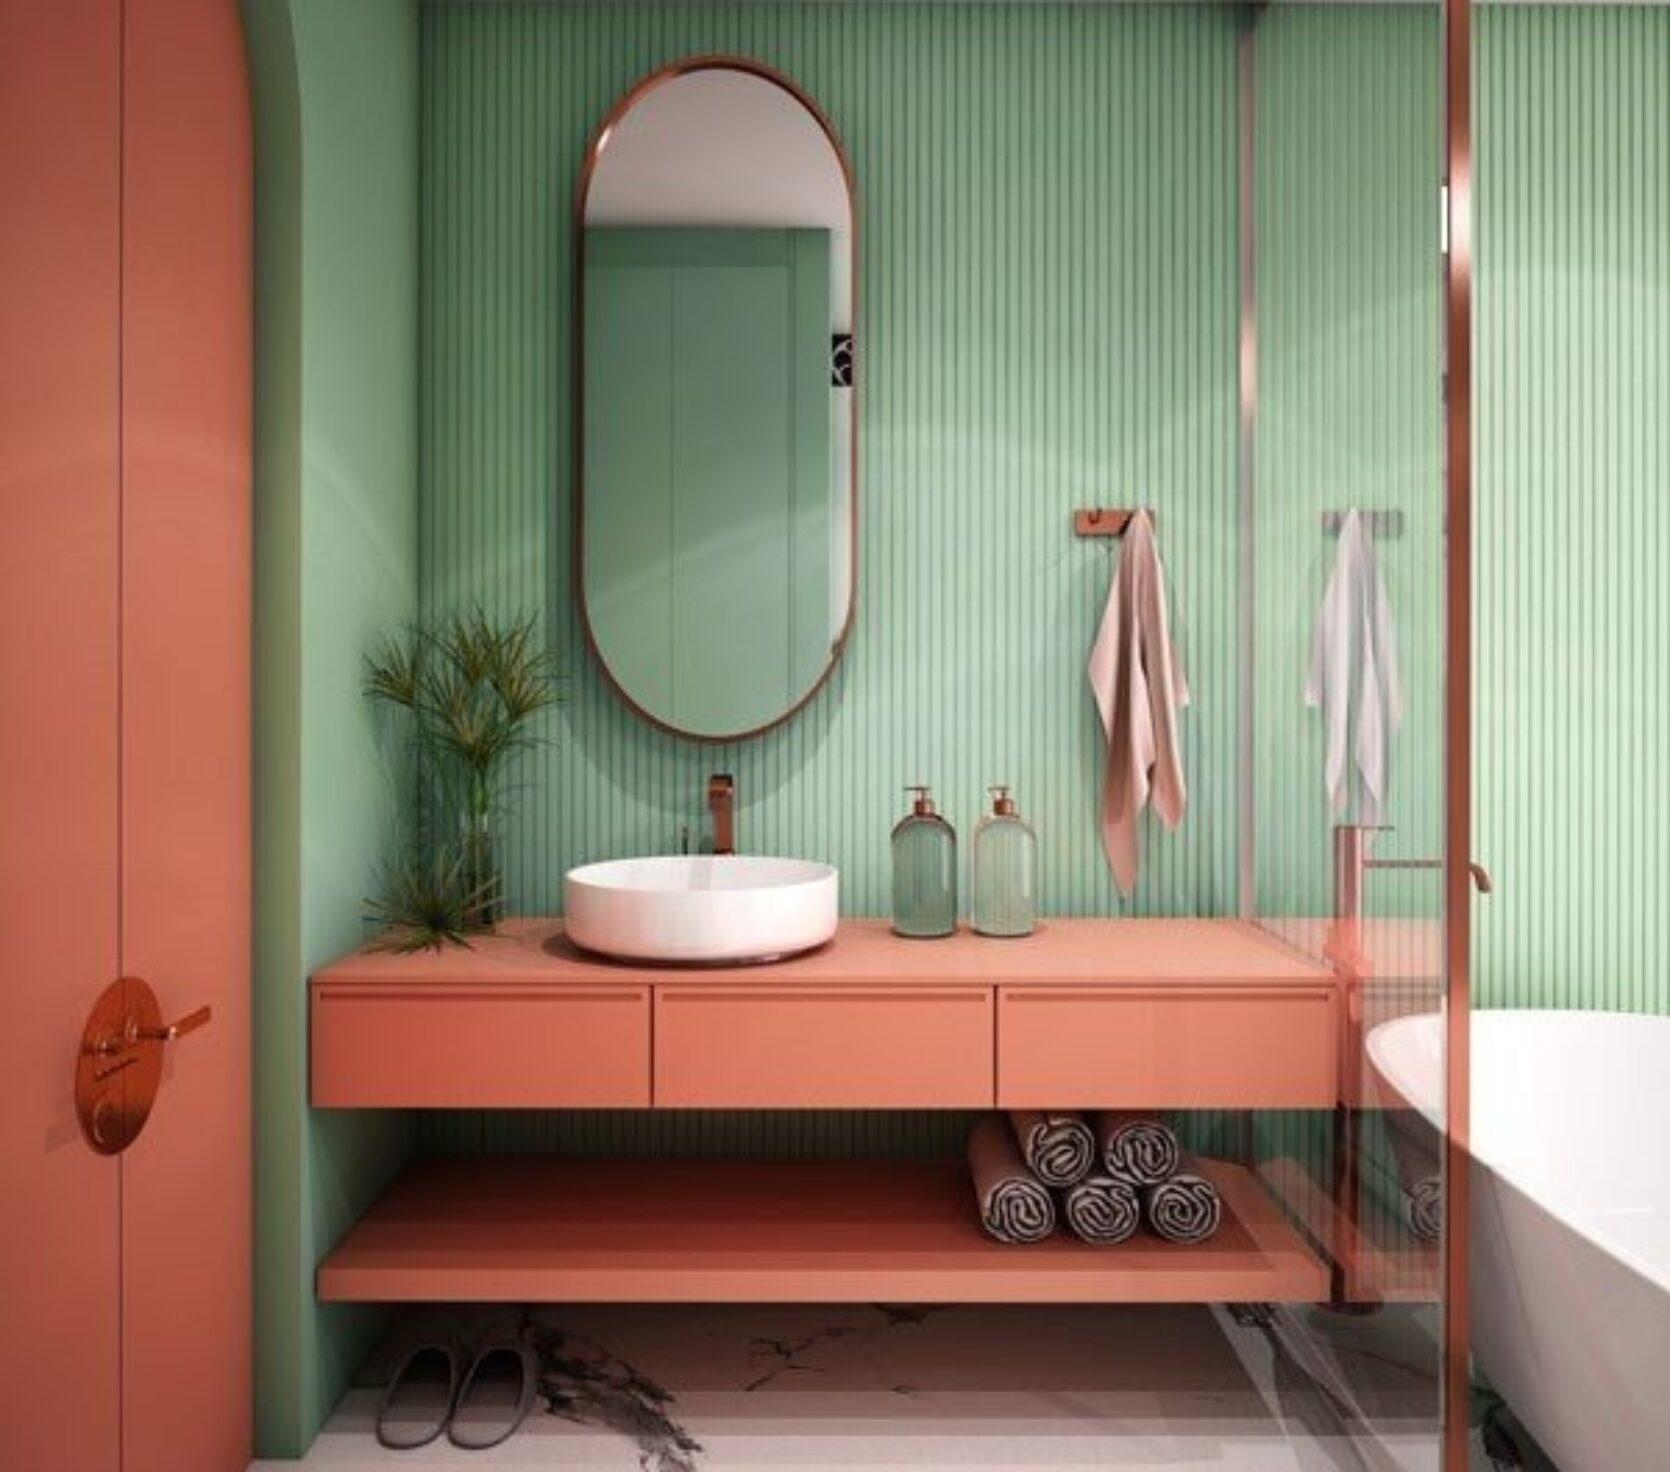 Bad med grønne vegger og vakre detaljer